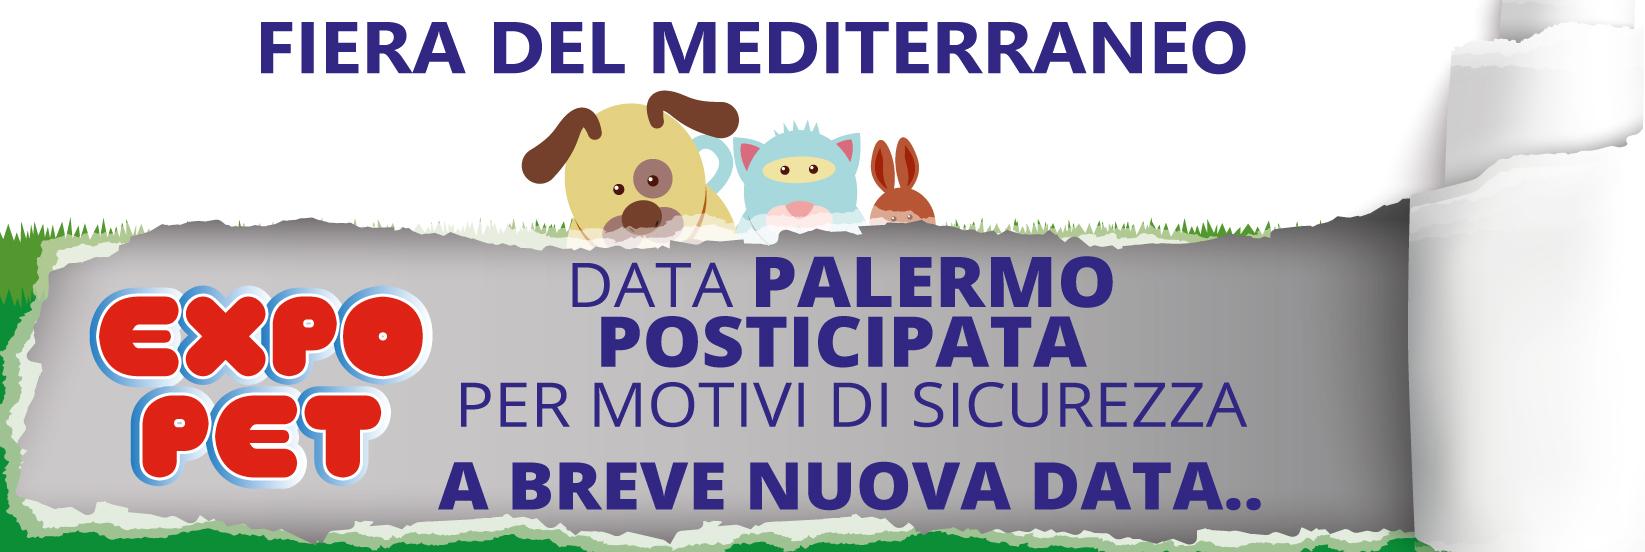 MAINPAGE-Expopet-Palermo-2020-POSTICIPAZIONE